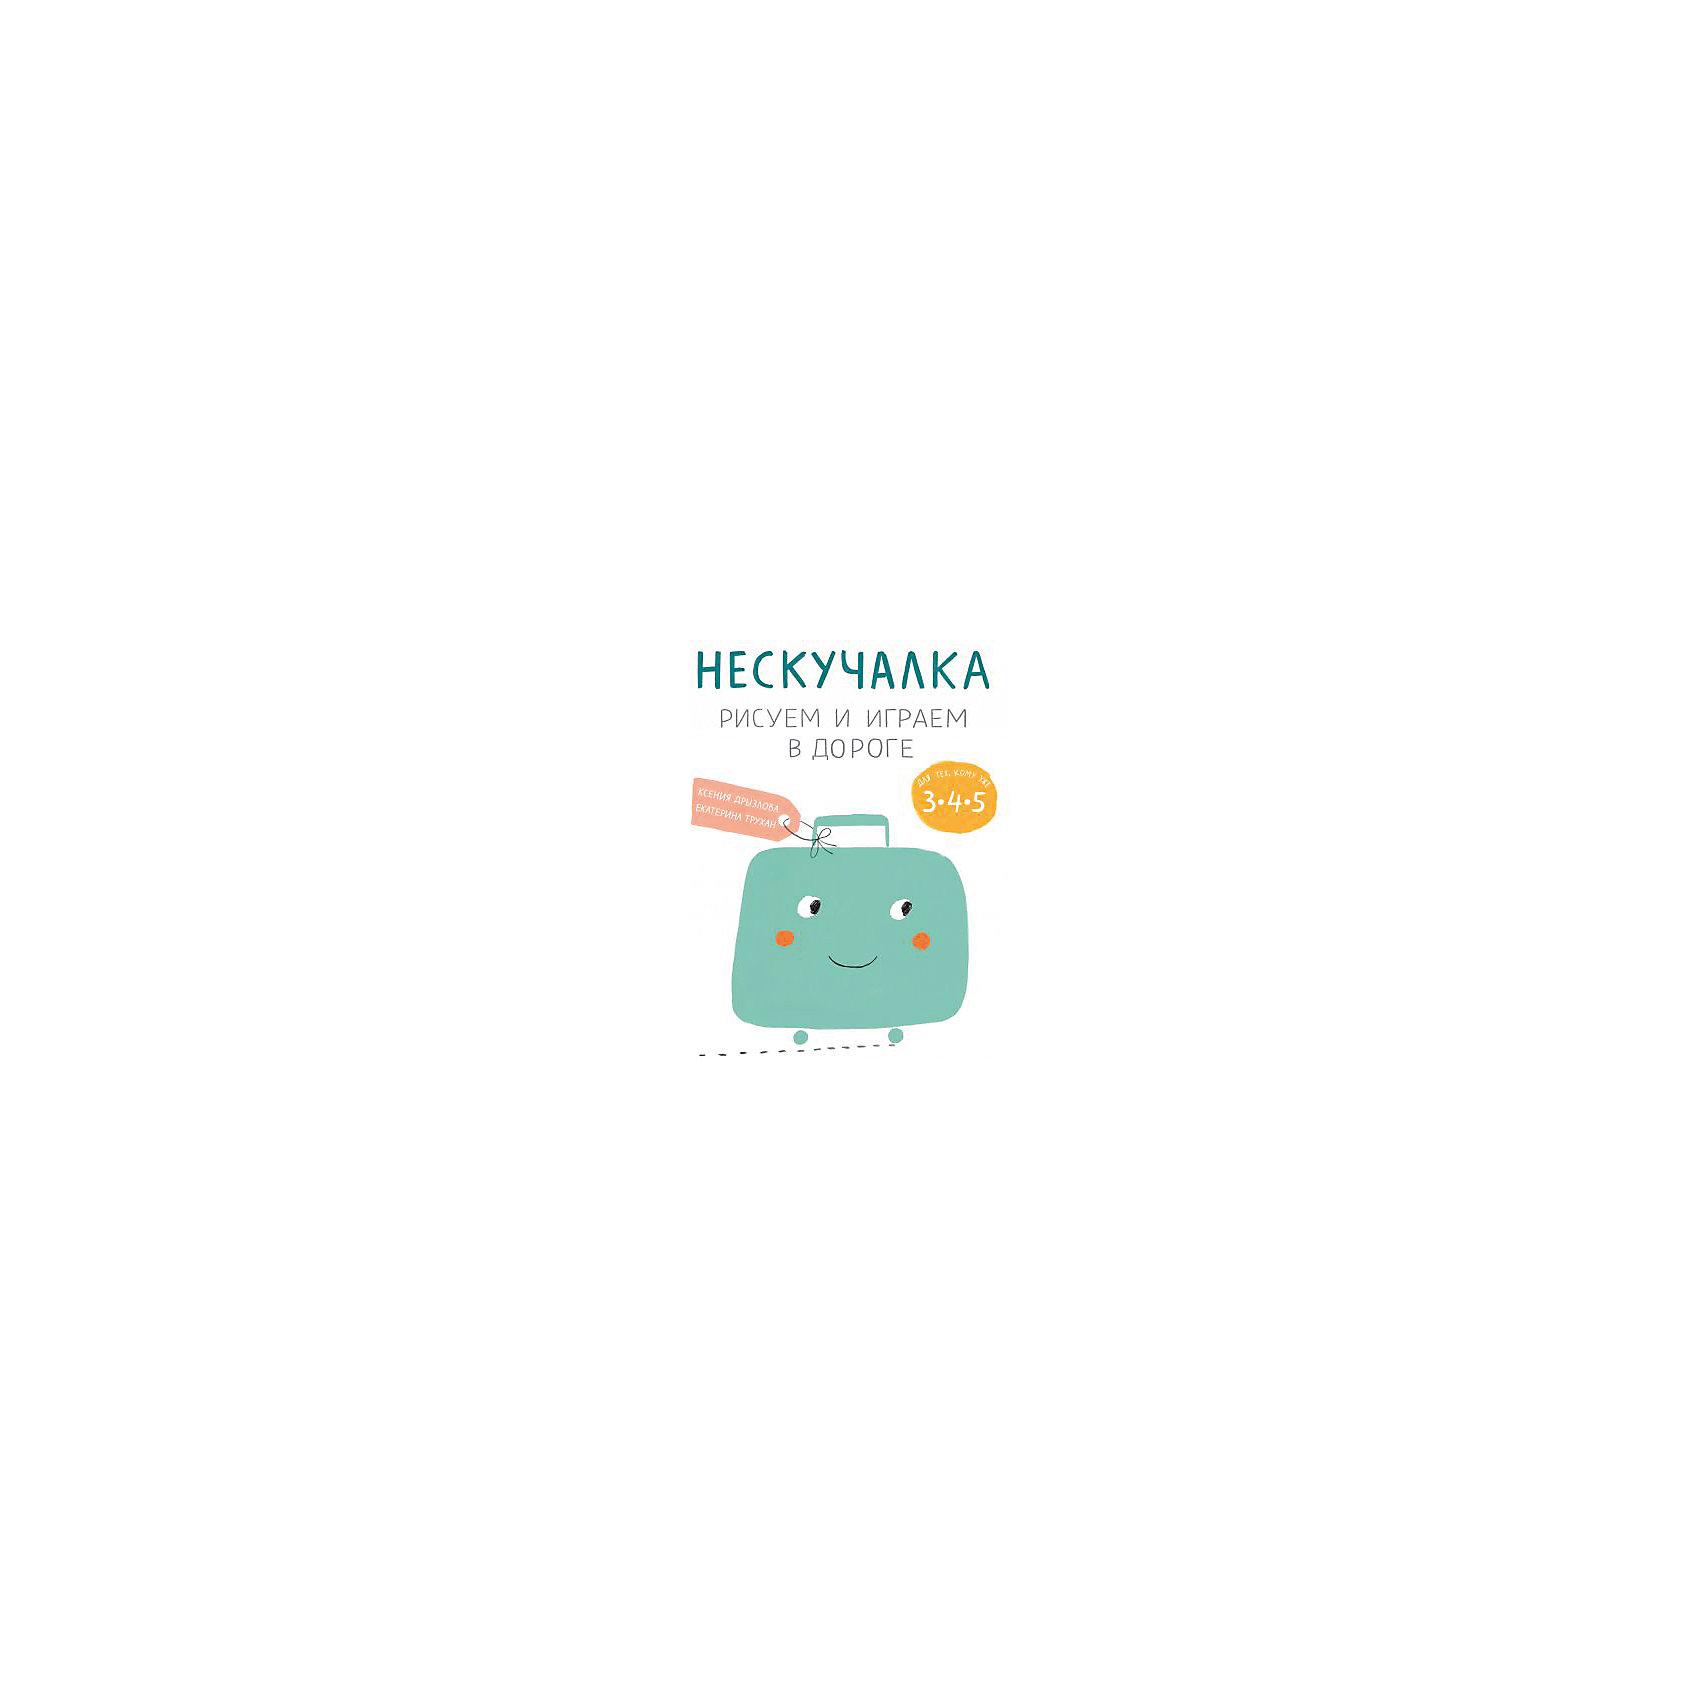 Нескучалка: Рисуем и играем в дороге, для тех, кому уже 3, 4, 5Раскраски по номерам<br>Характеристики товара: <br><br>• ISBN: 9785000573372<br>• возраст от: 3 лет<br>• формат: 84x108/16<br>• бумага: офсет<br>• обложка: мягкая<br>• издательство: Манн, Иванов и Фербер<br>• иллюстрации: цветные, черно-белые<br>• автор: Дрызлова Ксения, Трухан Екатерина<br>• количество страниц: 72<br>• размеры: 20x26 см<br><br>Книга «Нескучалка: Рисуем и играем в дороге. Для тех, кому уже 3, 4, 5» поможет ребенка занять не только во время пути, но и в очередях или в гостях. С помощью такой книги ребенок может рисовать, разгадывать головоломки.<br><br>В издании также собраны описания веселых подвижных игр. Отличный подарок для родителей. <br><br>Книга «Нескучалка: Рисуем и играем в дороге. Для тех, кому уже 3, 4, 5» можно купить в нашем интернет-магазине.<br><br>Ширина мм: 255<br>Глубина мм: 193<br>Высота мм: 80<br>Вес г: 290<br>Возраст от месяцев: 36<br>Возраст до месяцев: 60<br>Пол: Унисекс<br>Возраст: Детский<br>SKU: 5535137